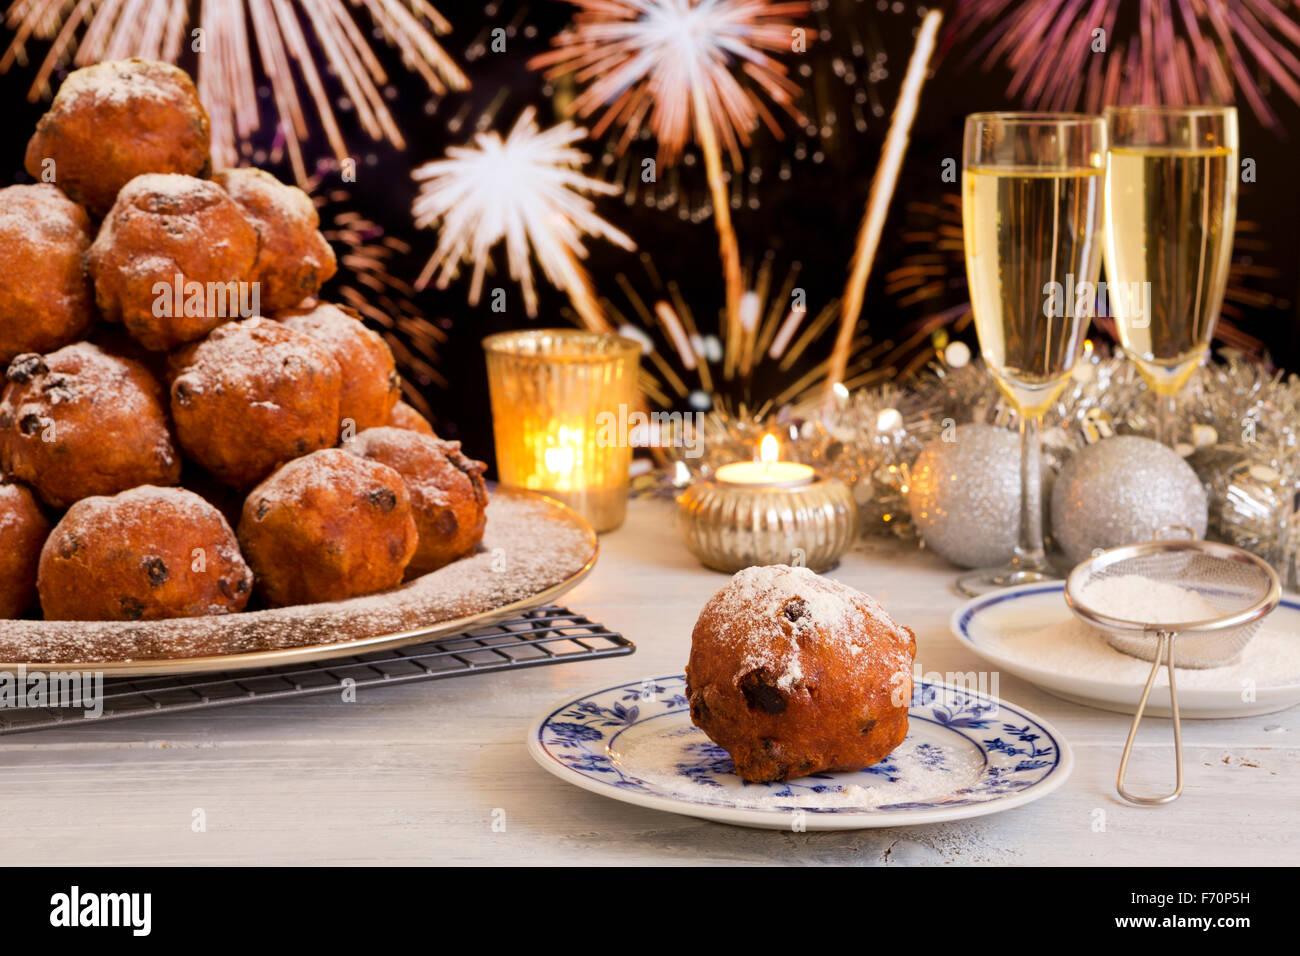 'Oliebollen', repostería tradicional holandés para la Víspera del Año Nuevo. Con champán y fuegos artificiales en el fondo. Foto de stock